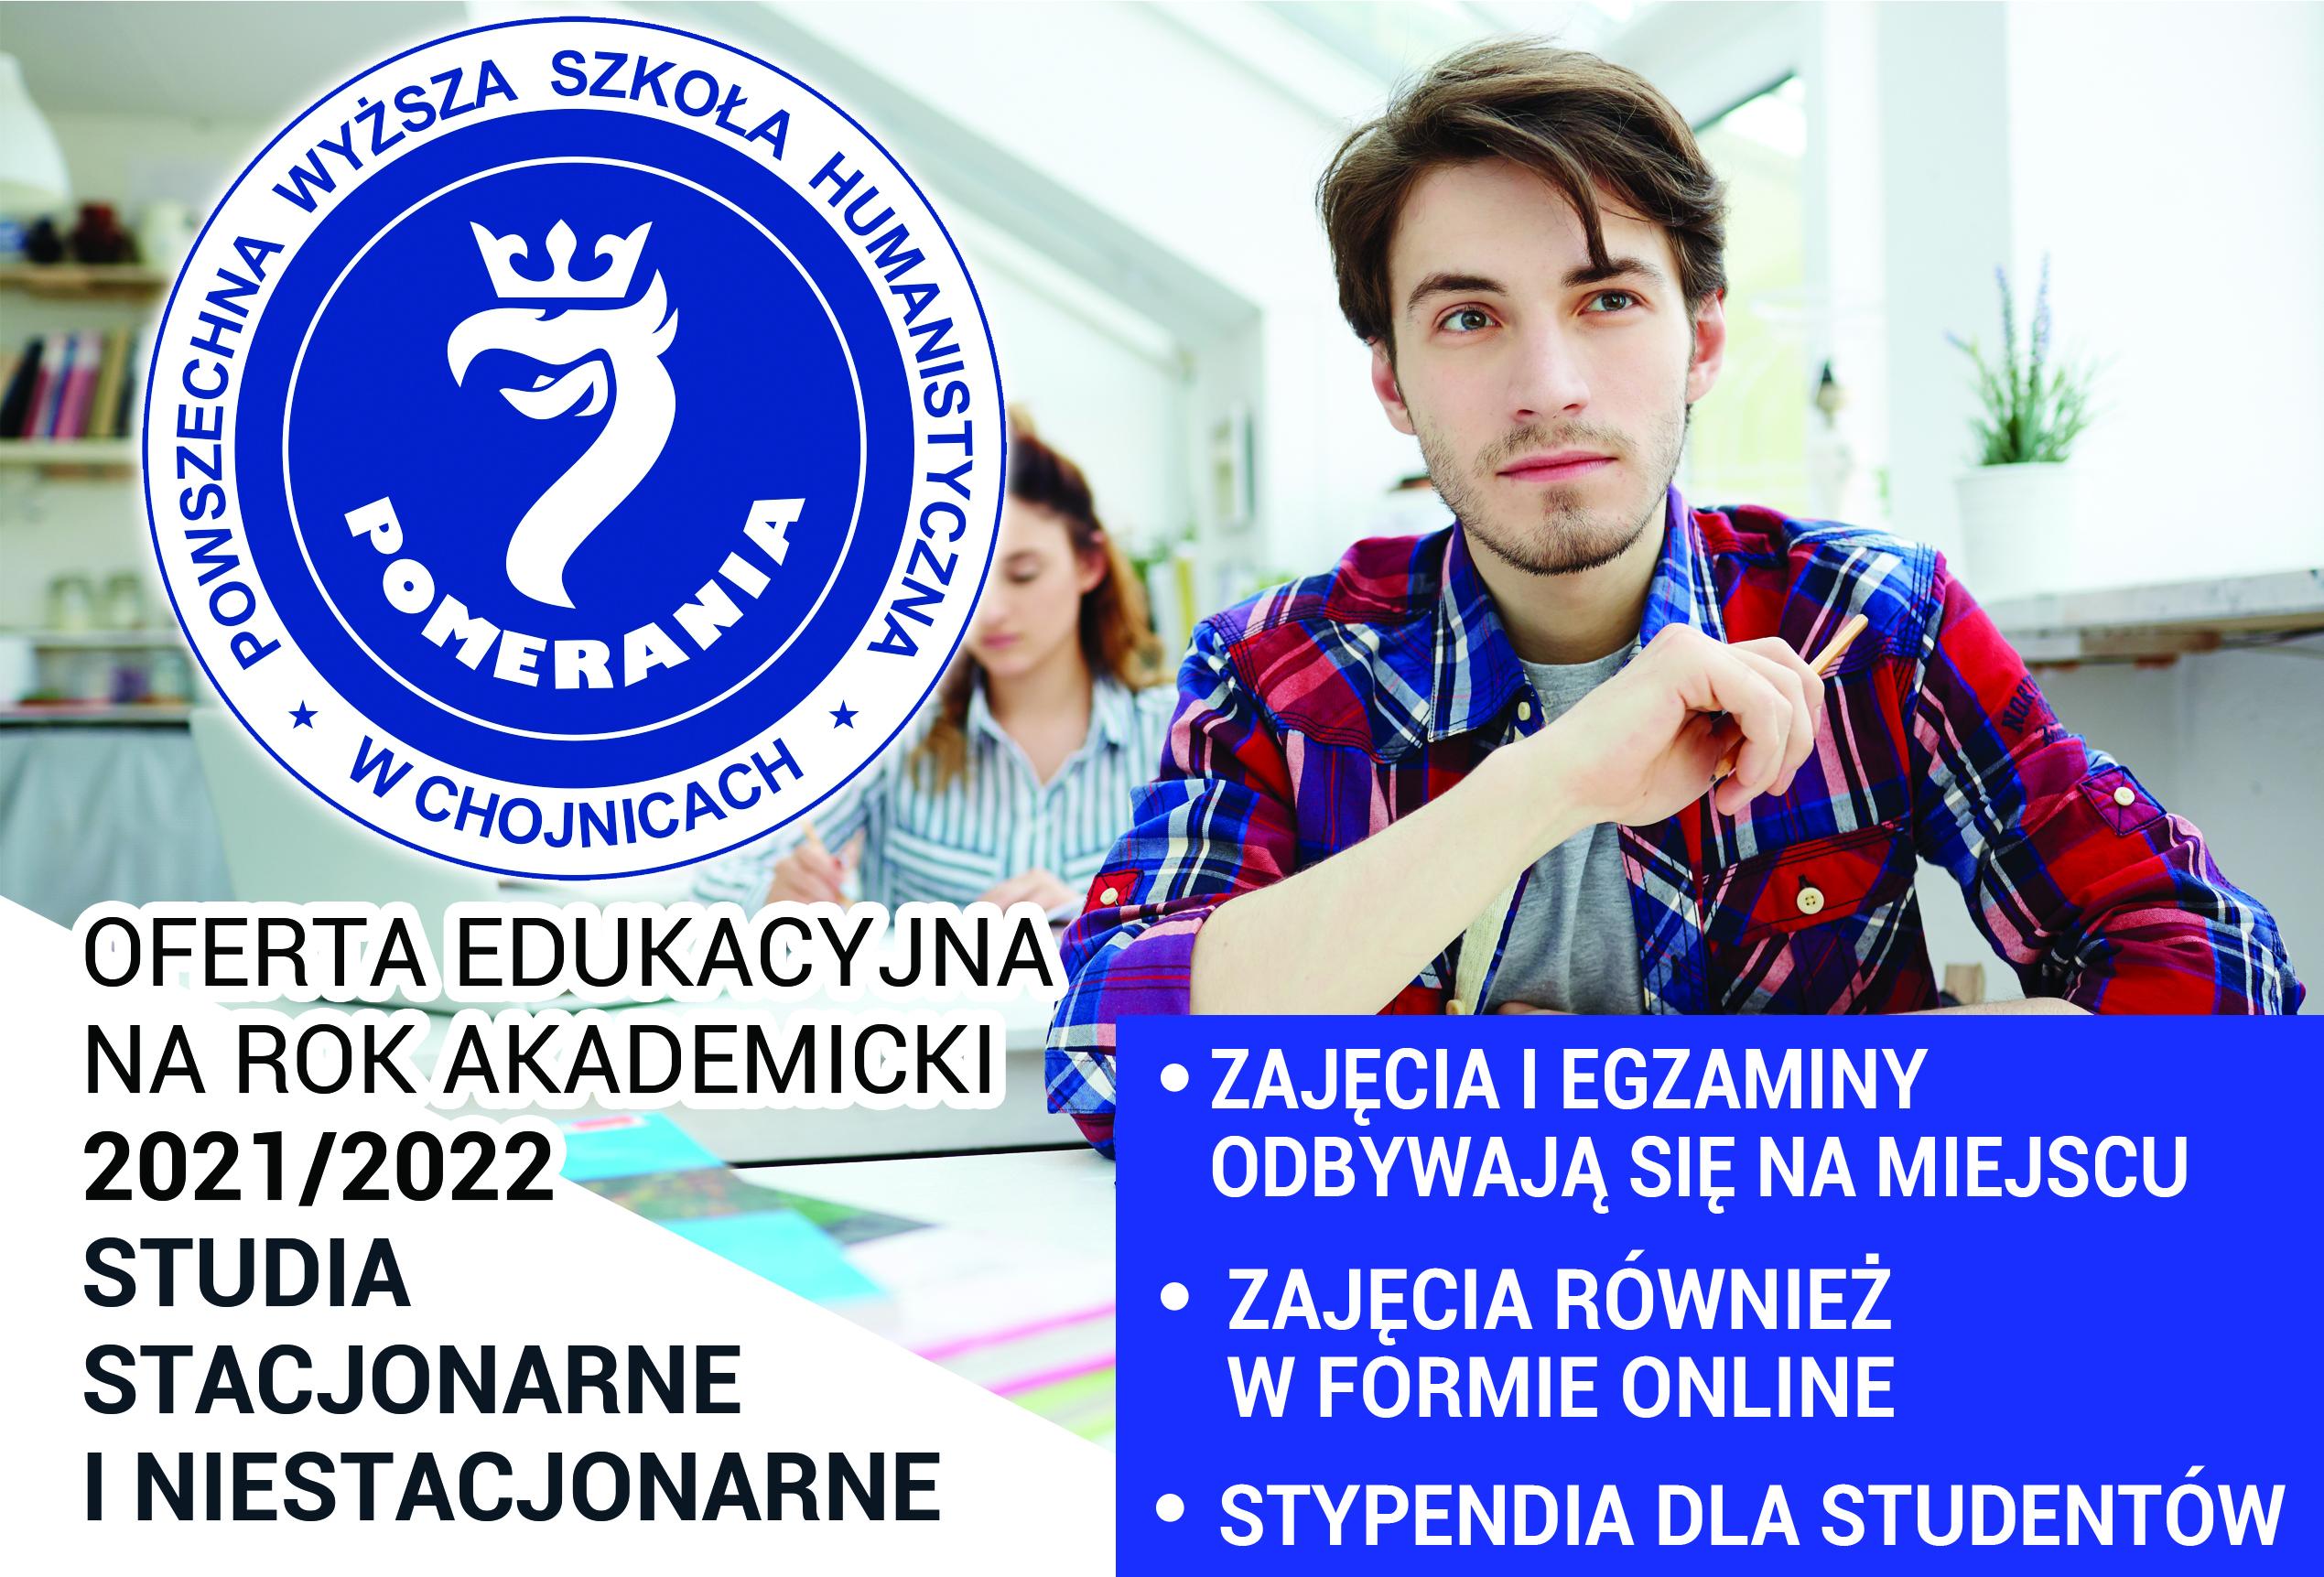 Oferta edukacyjna na rok akademicki 2021/2022